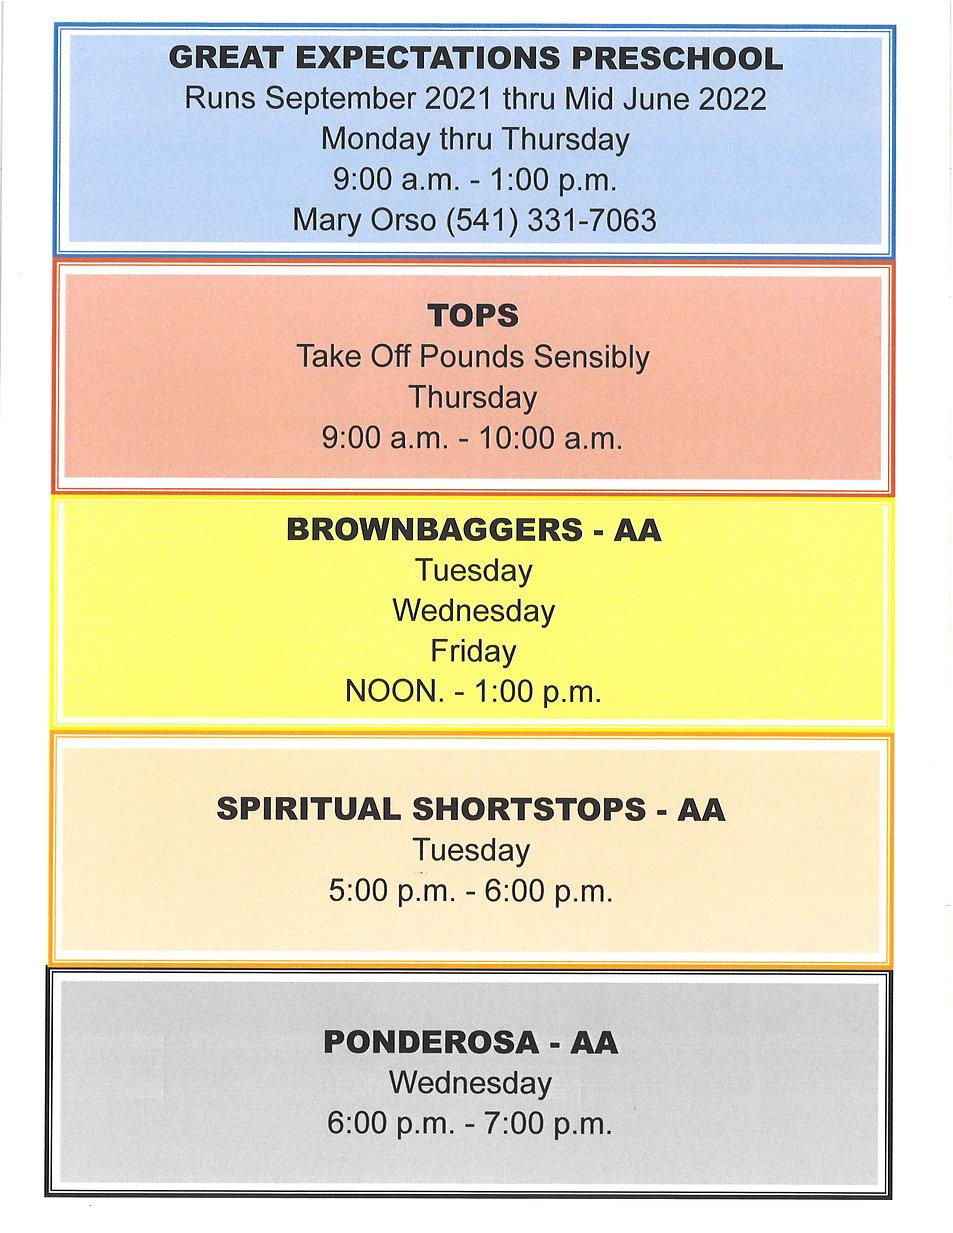 2021 Pre-School and AA schedule.jpg